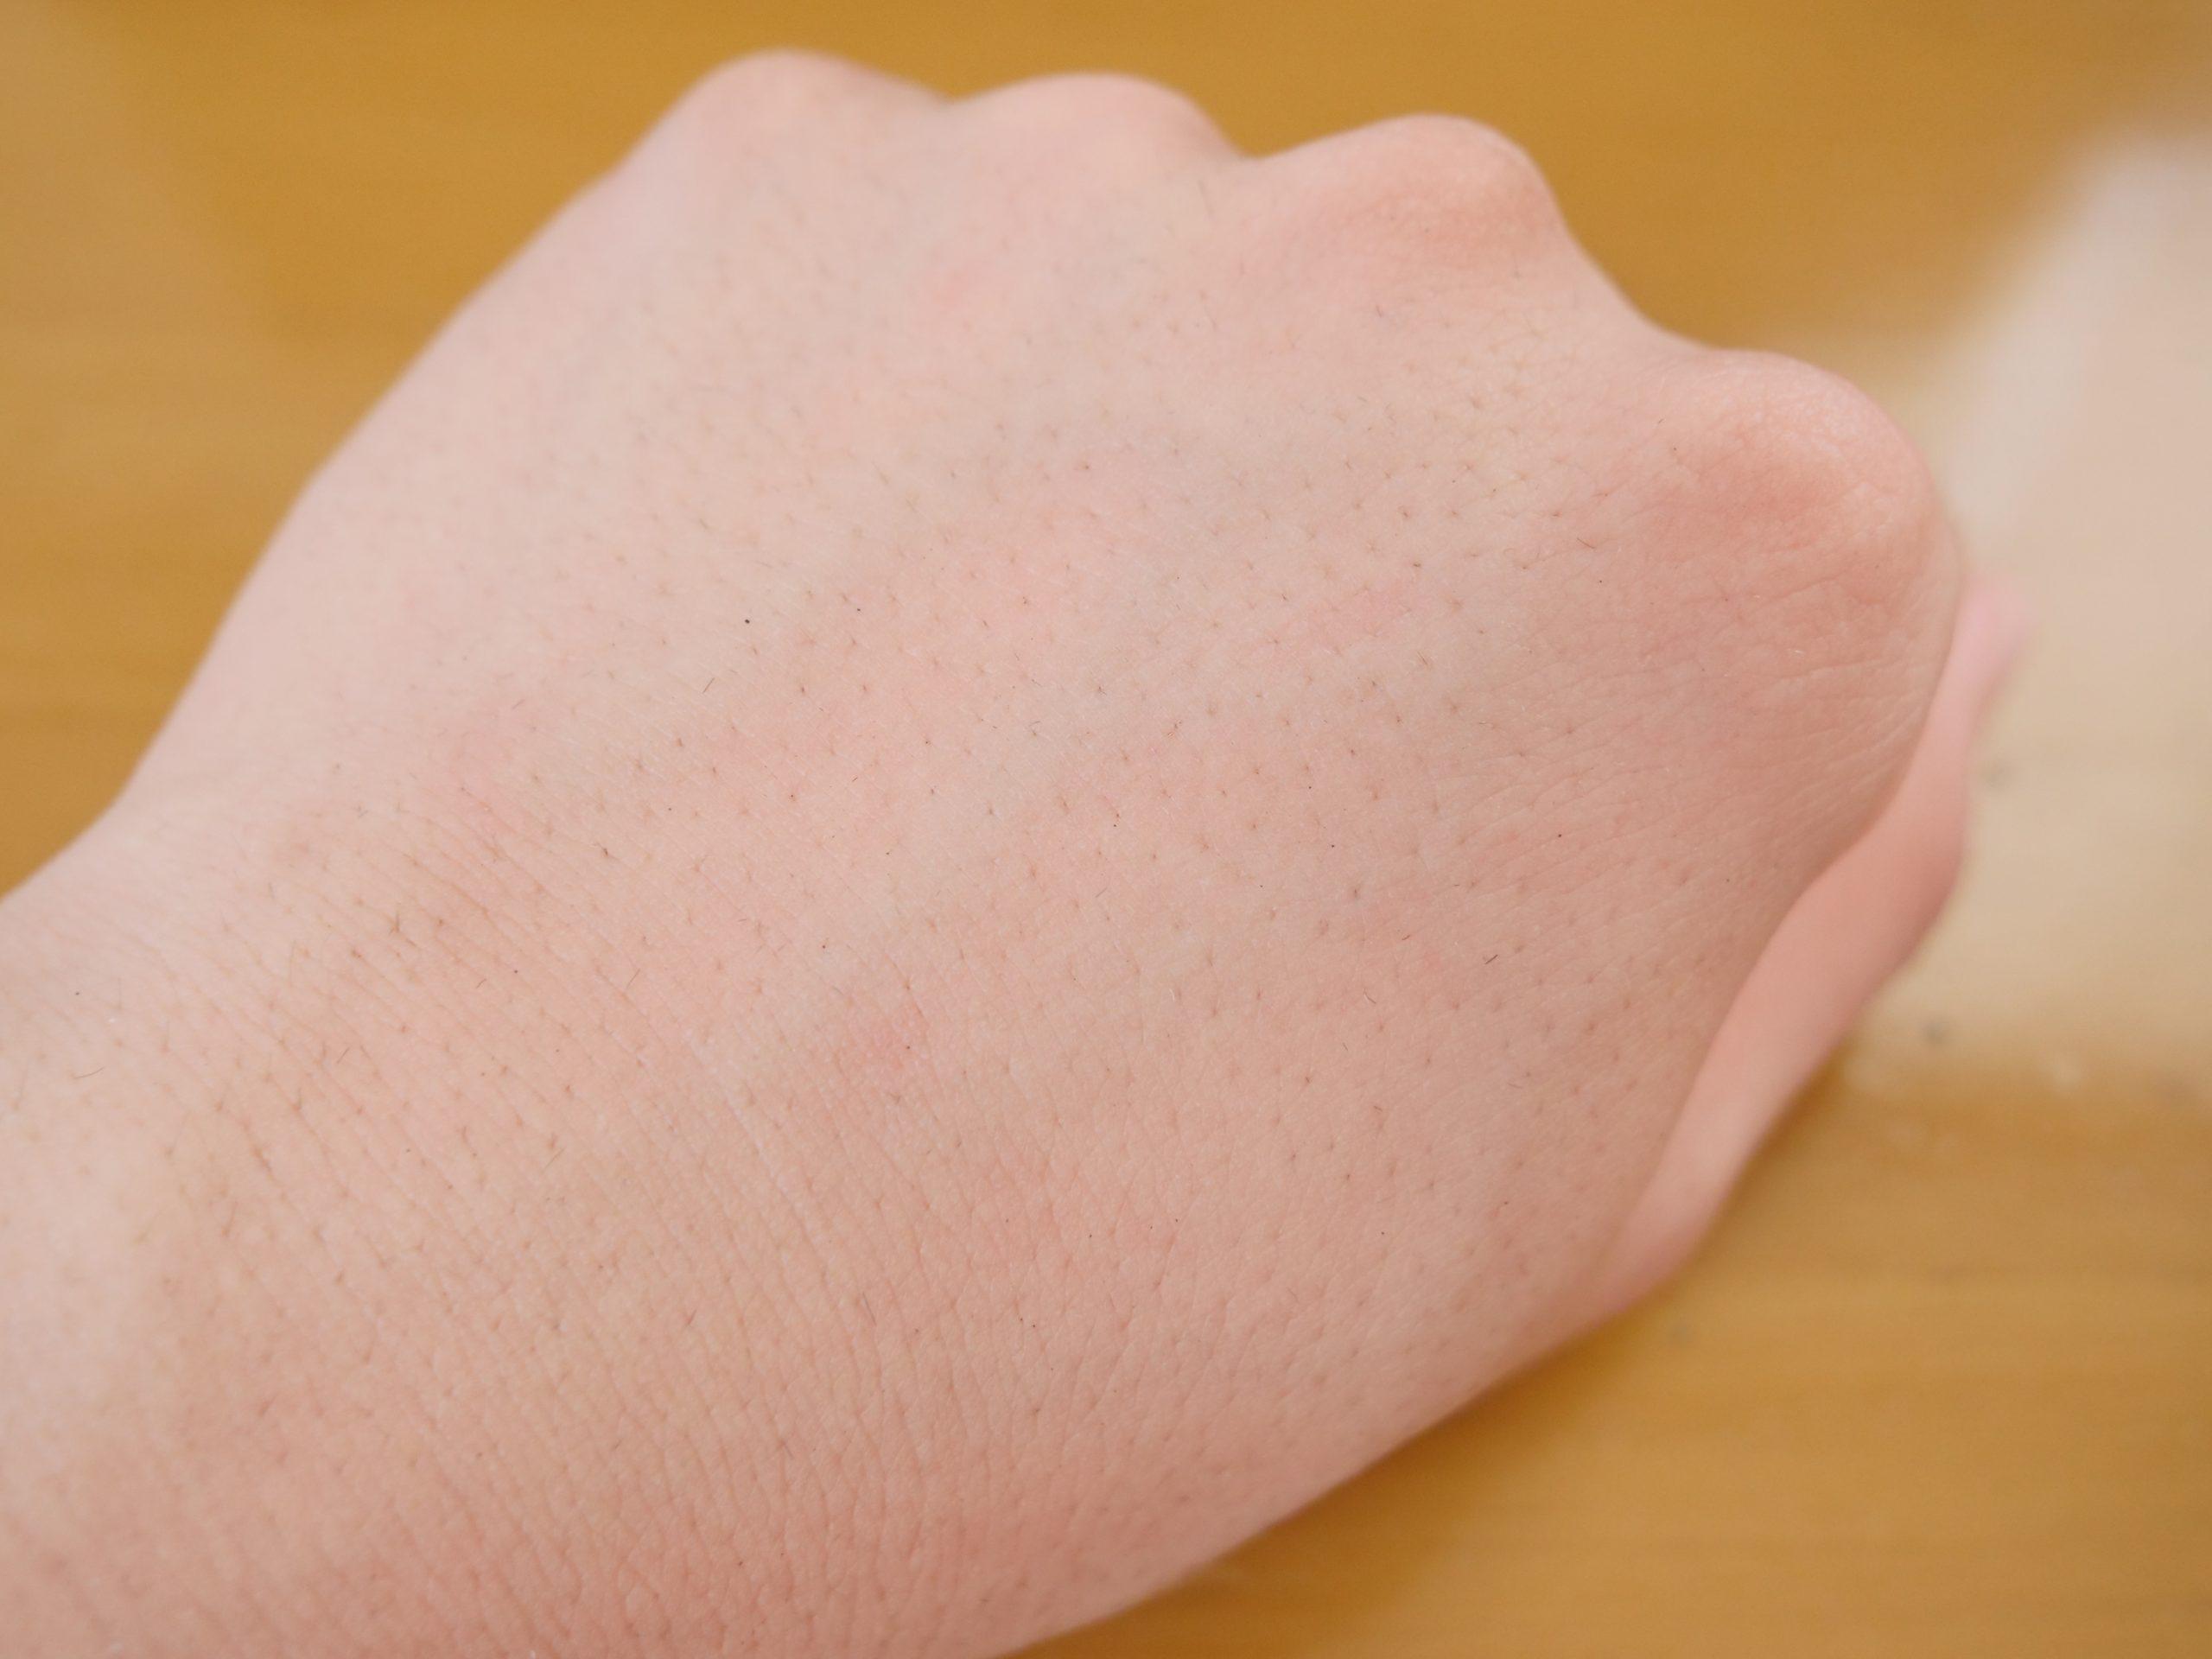 BBクリーム使用前の肌